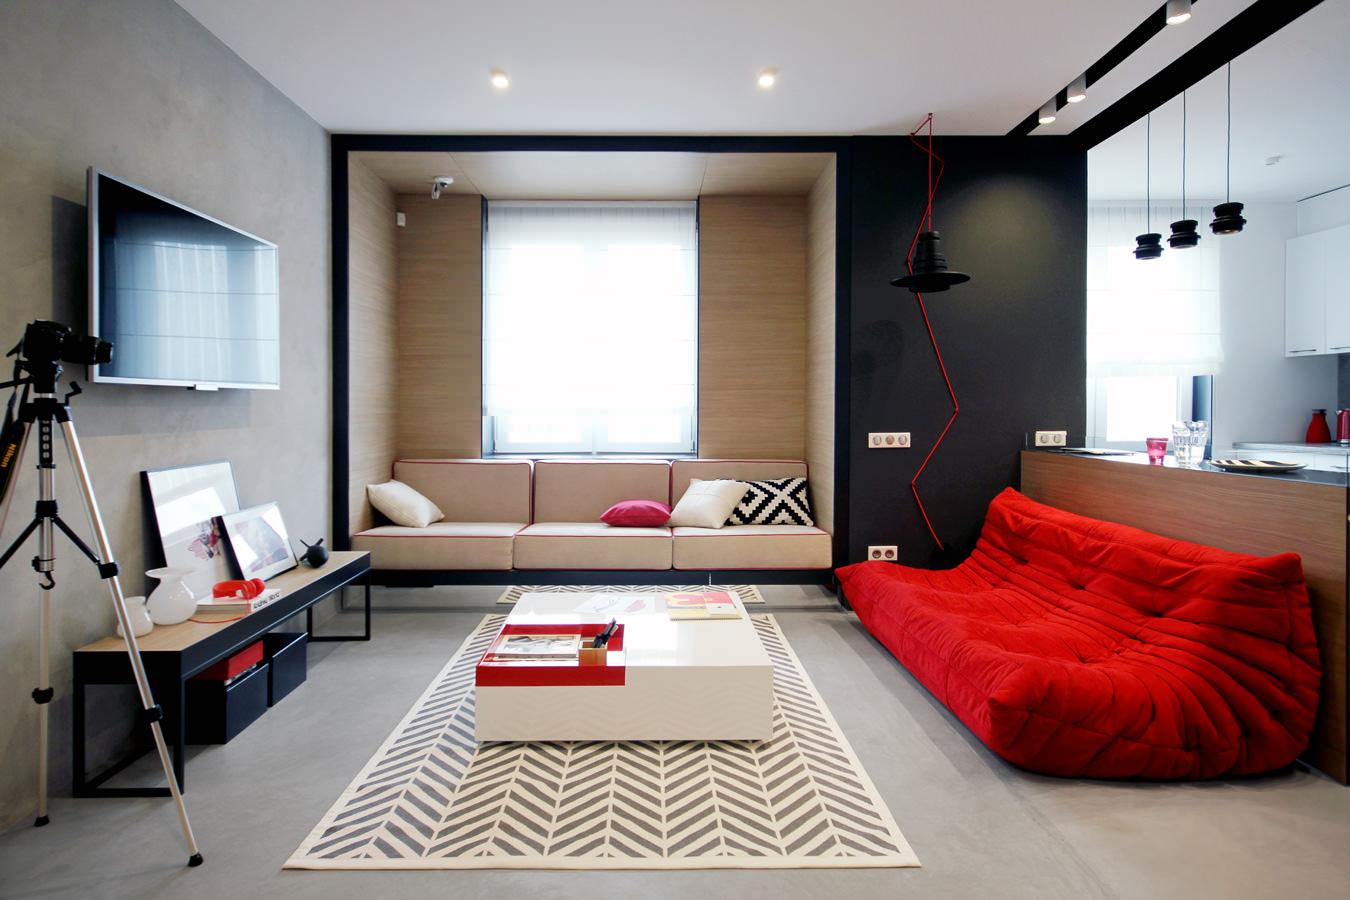 Красный диван и декор в современной гостиной